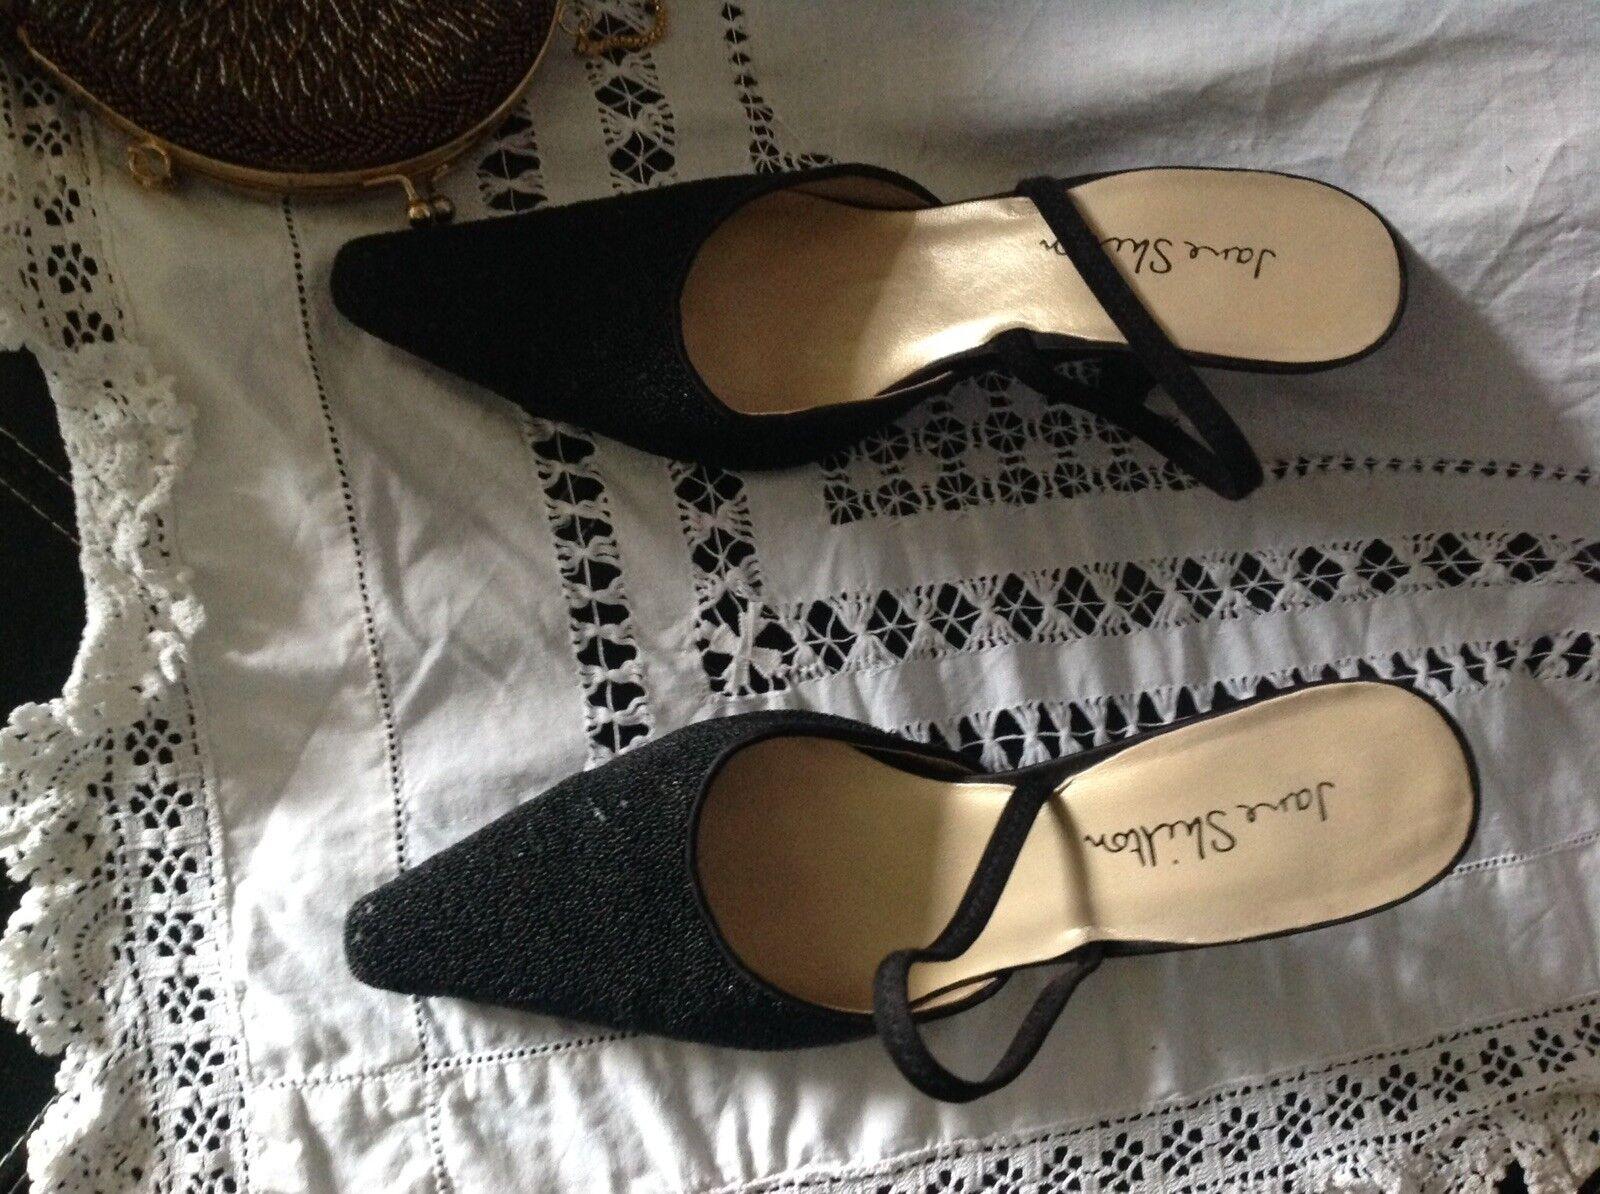 Femmes Noir Escarpins Chaussures Taille 5 Jane Shilton